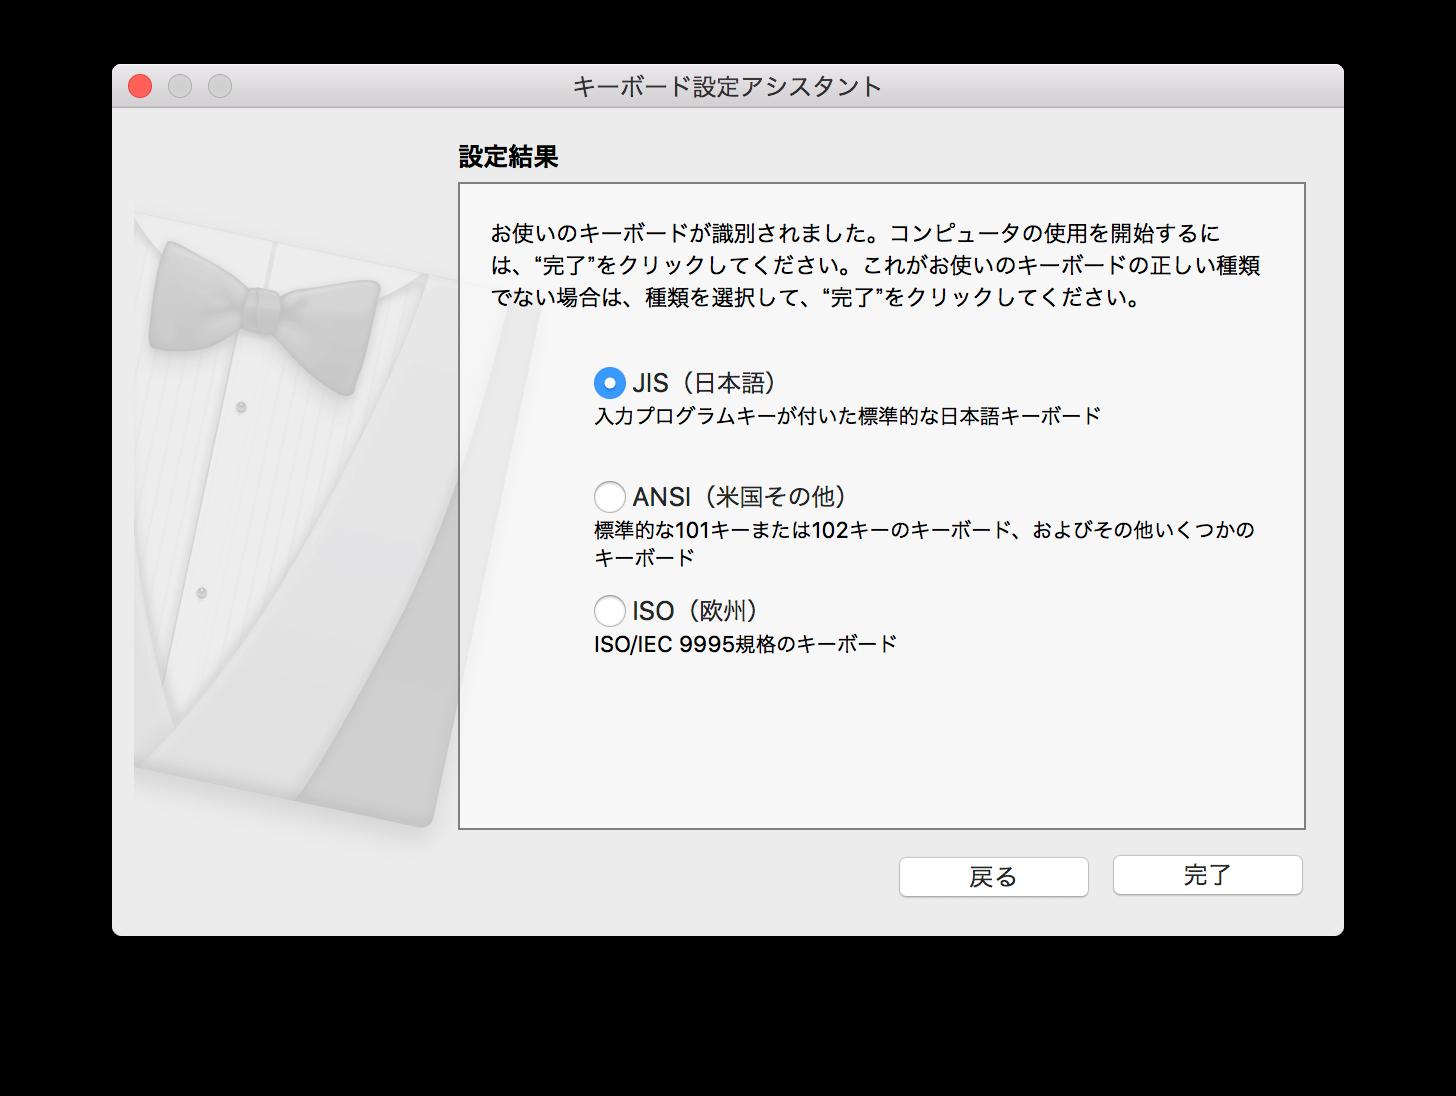 スクリーンショット 2018-05-01 0.34.48.png